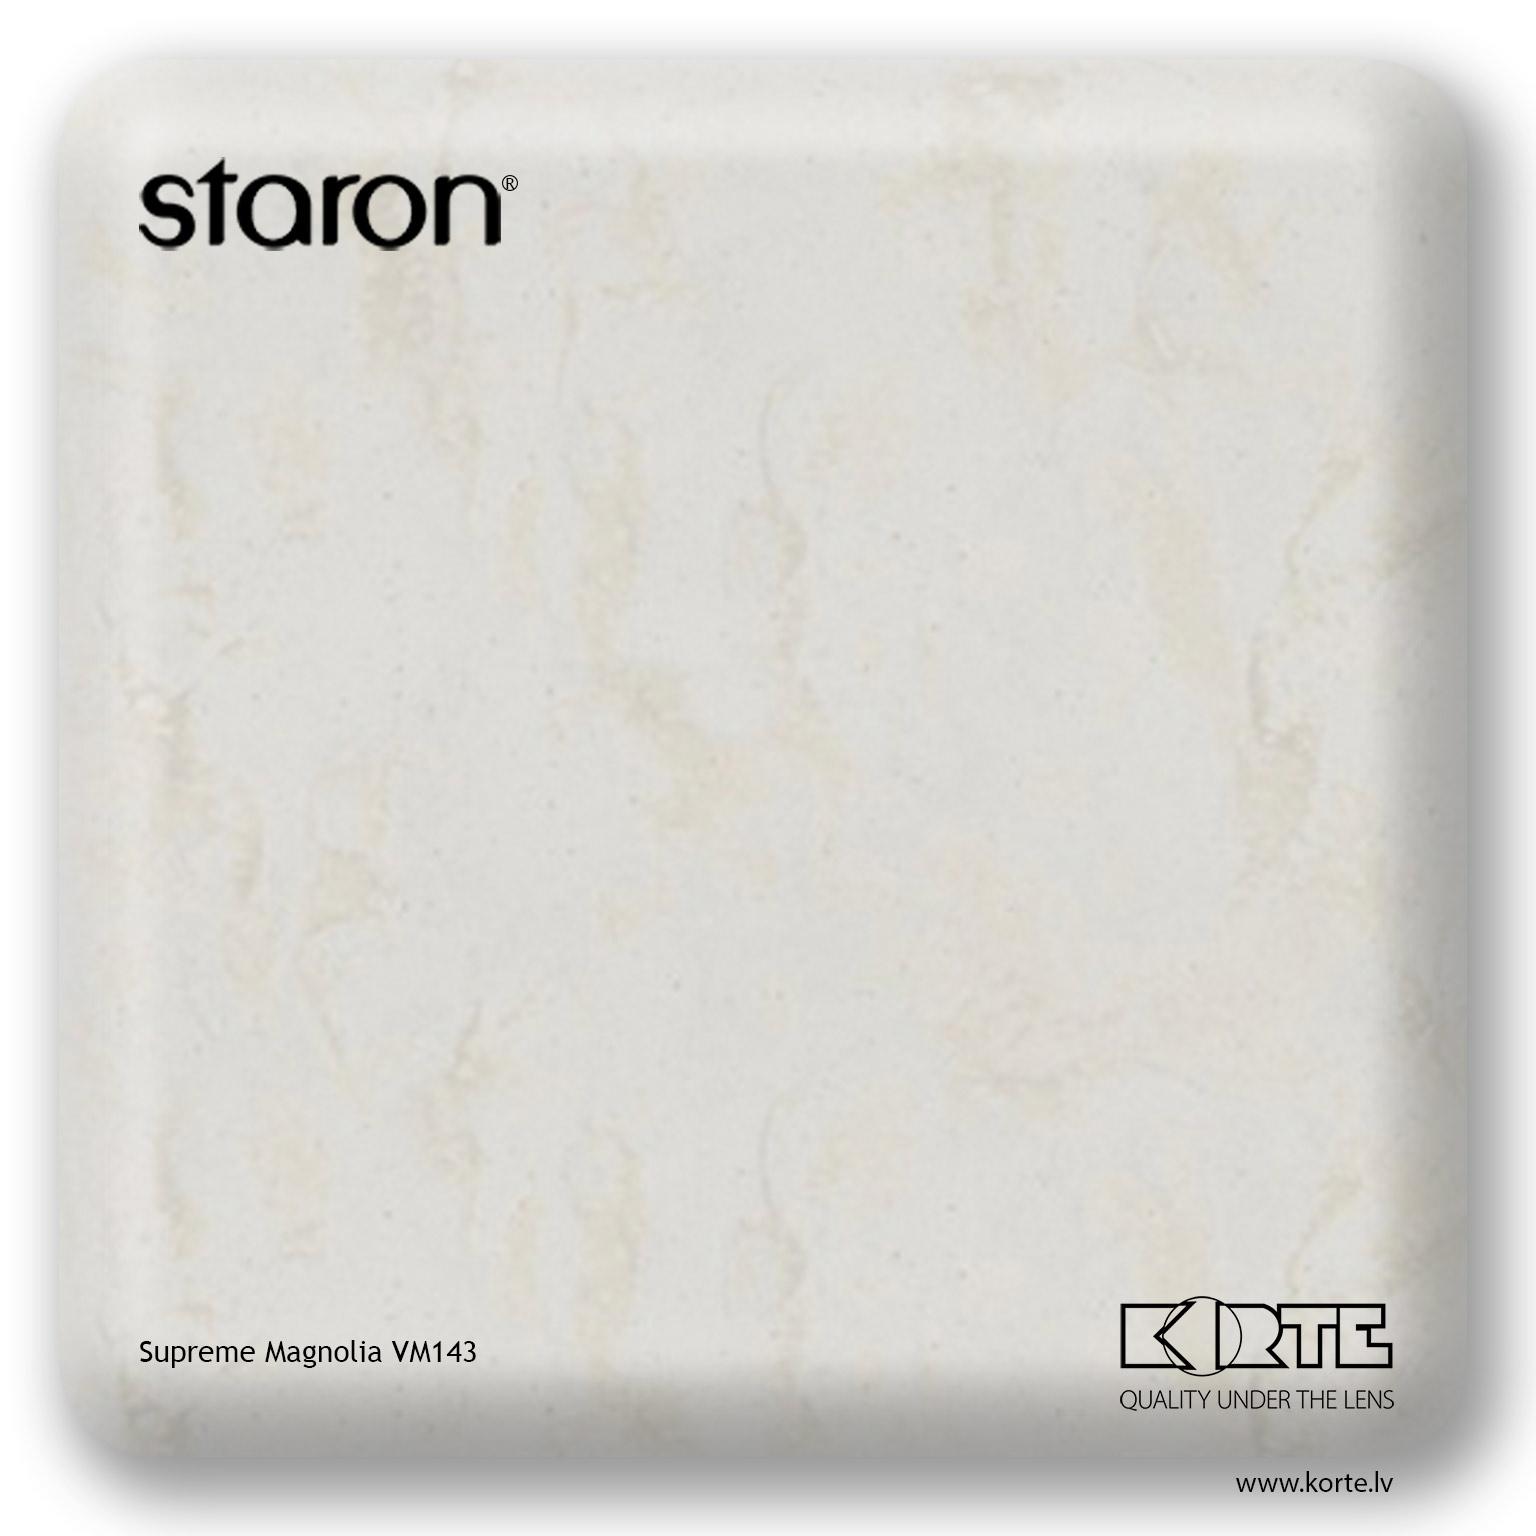 Staron Supreme Magnolia VM143